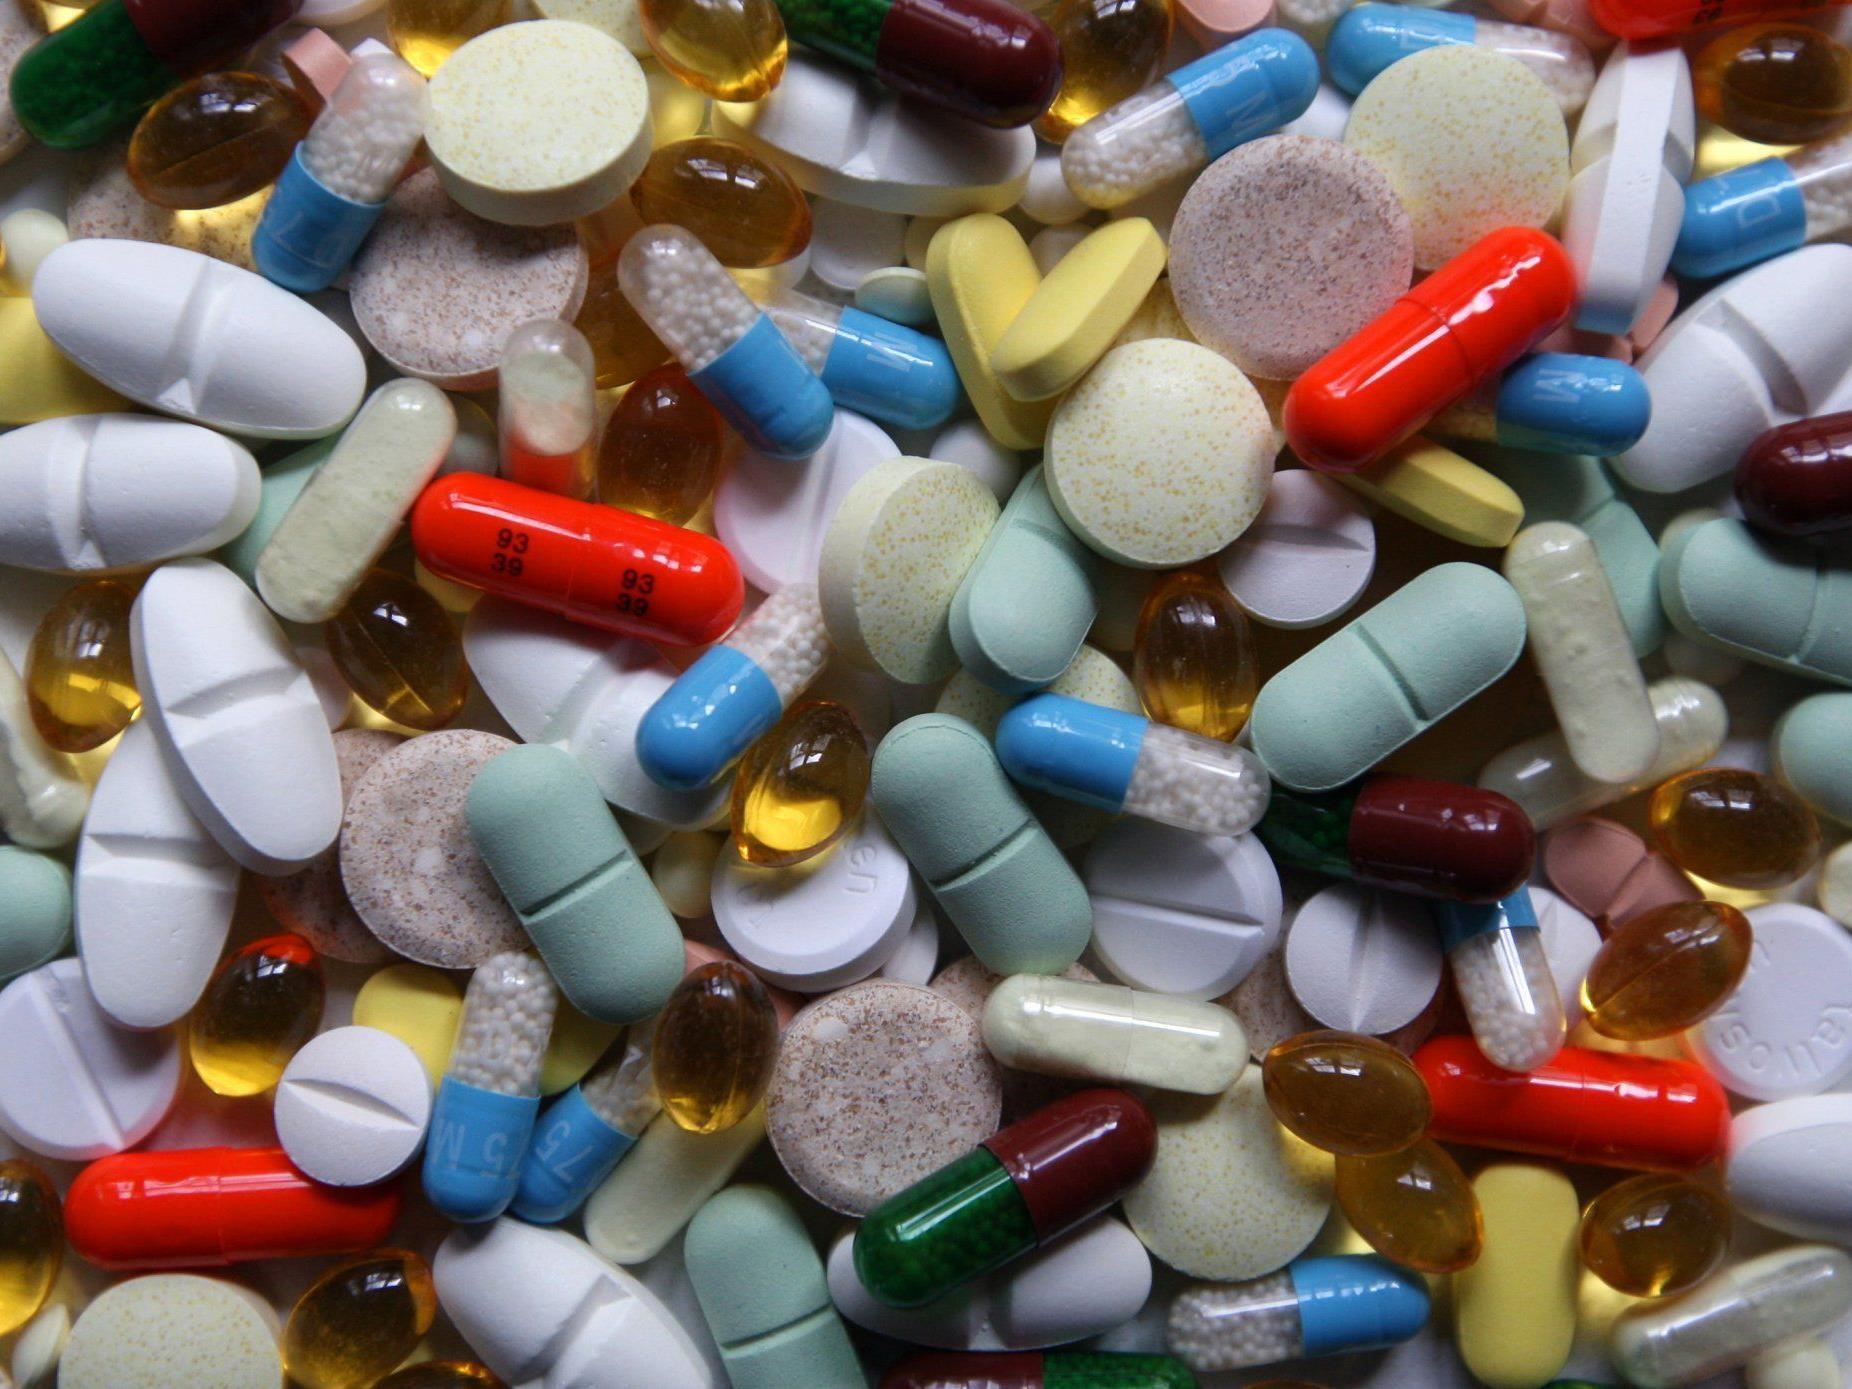 Seit fünf Jahren gibt es eine EU-Verordnung, die Arzneimittelzulassungen für Kinder unter strengen Vorlagen zwingend vorschreibt.